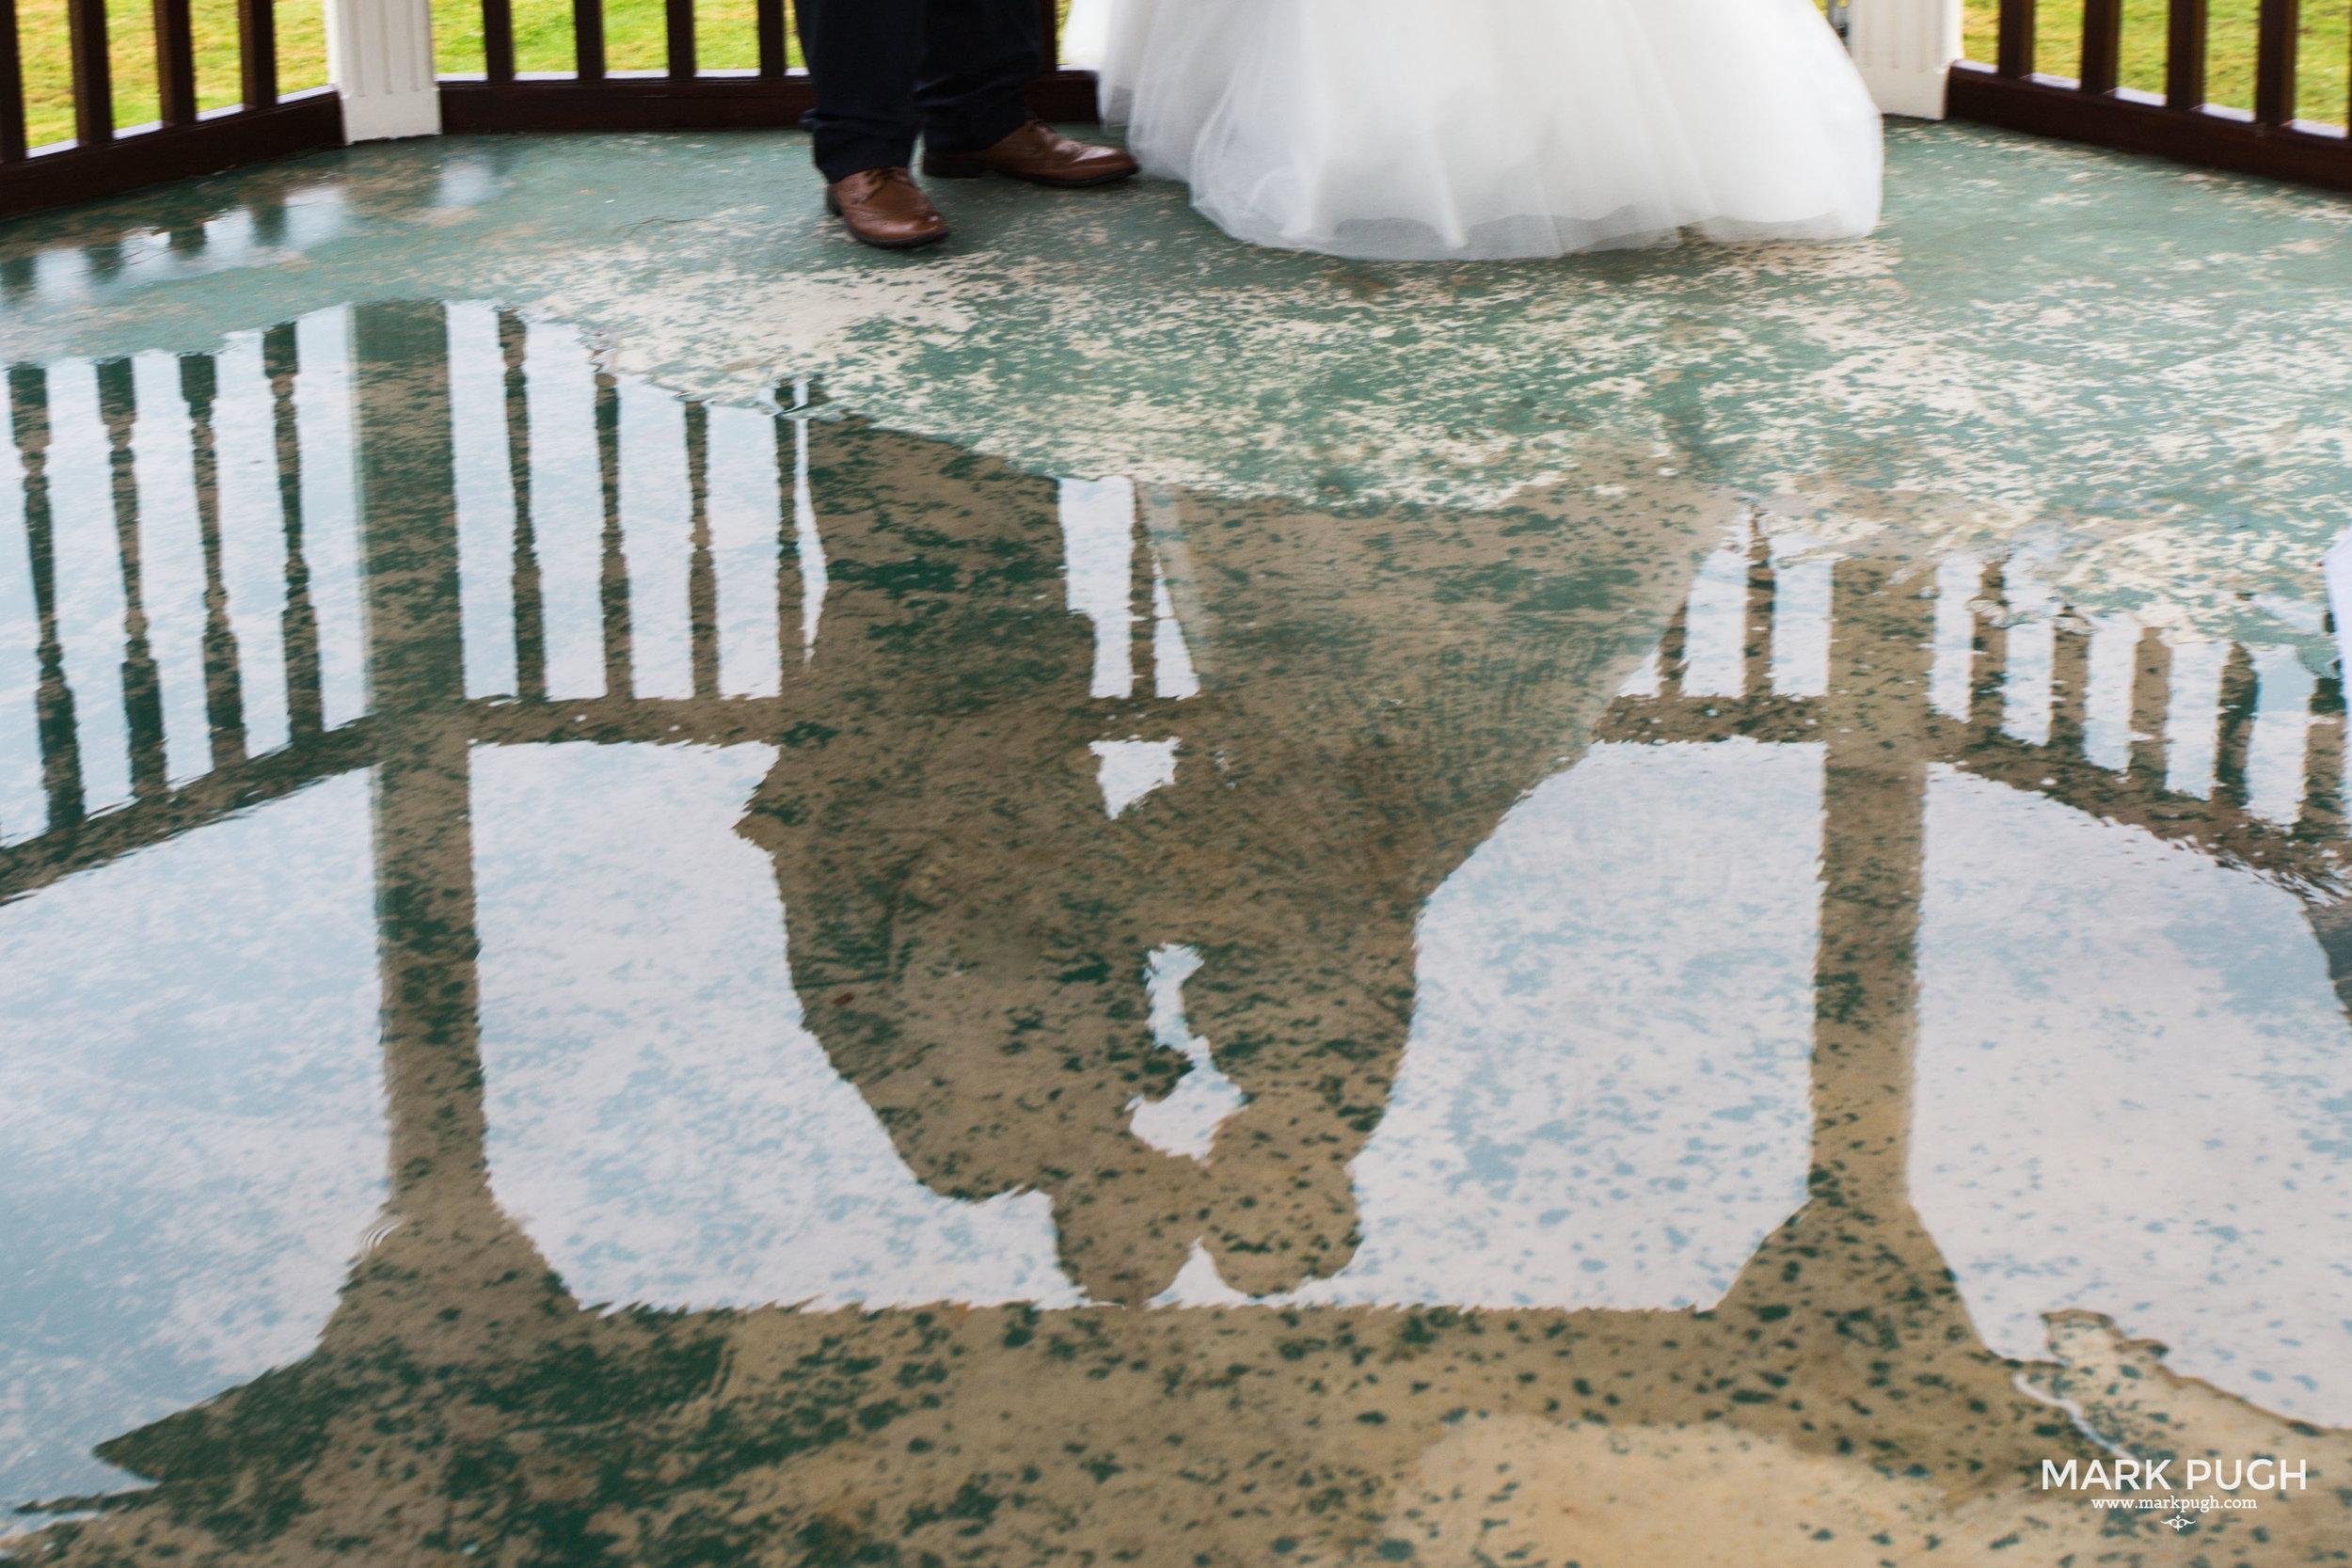 144 - fineART photography by www.markpugh.com Mark Pugh of www.mpmedia.co.uk_.JPG